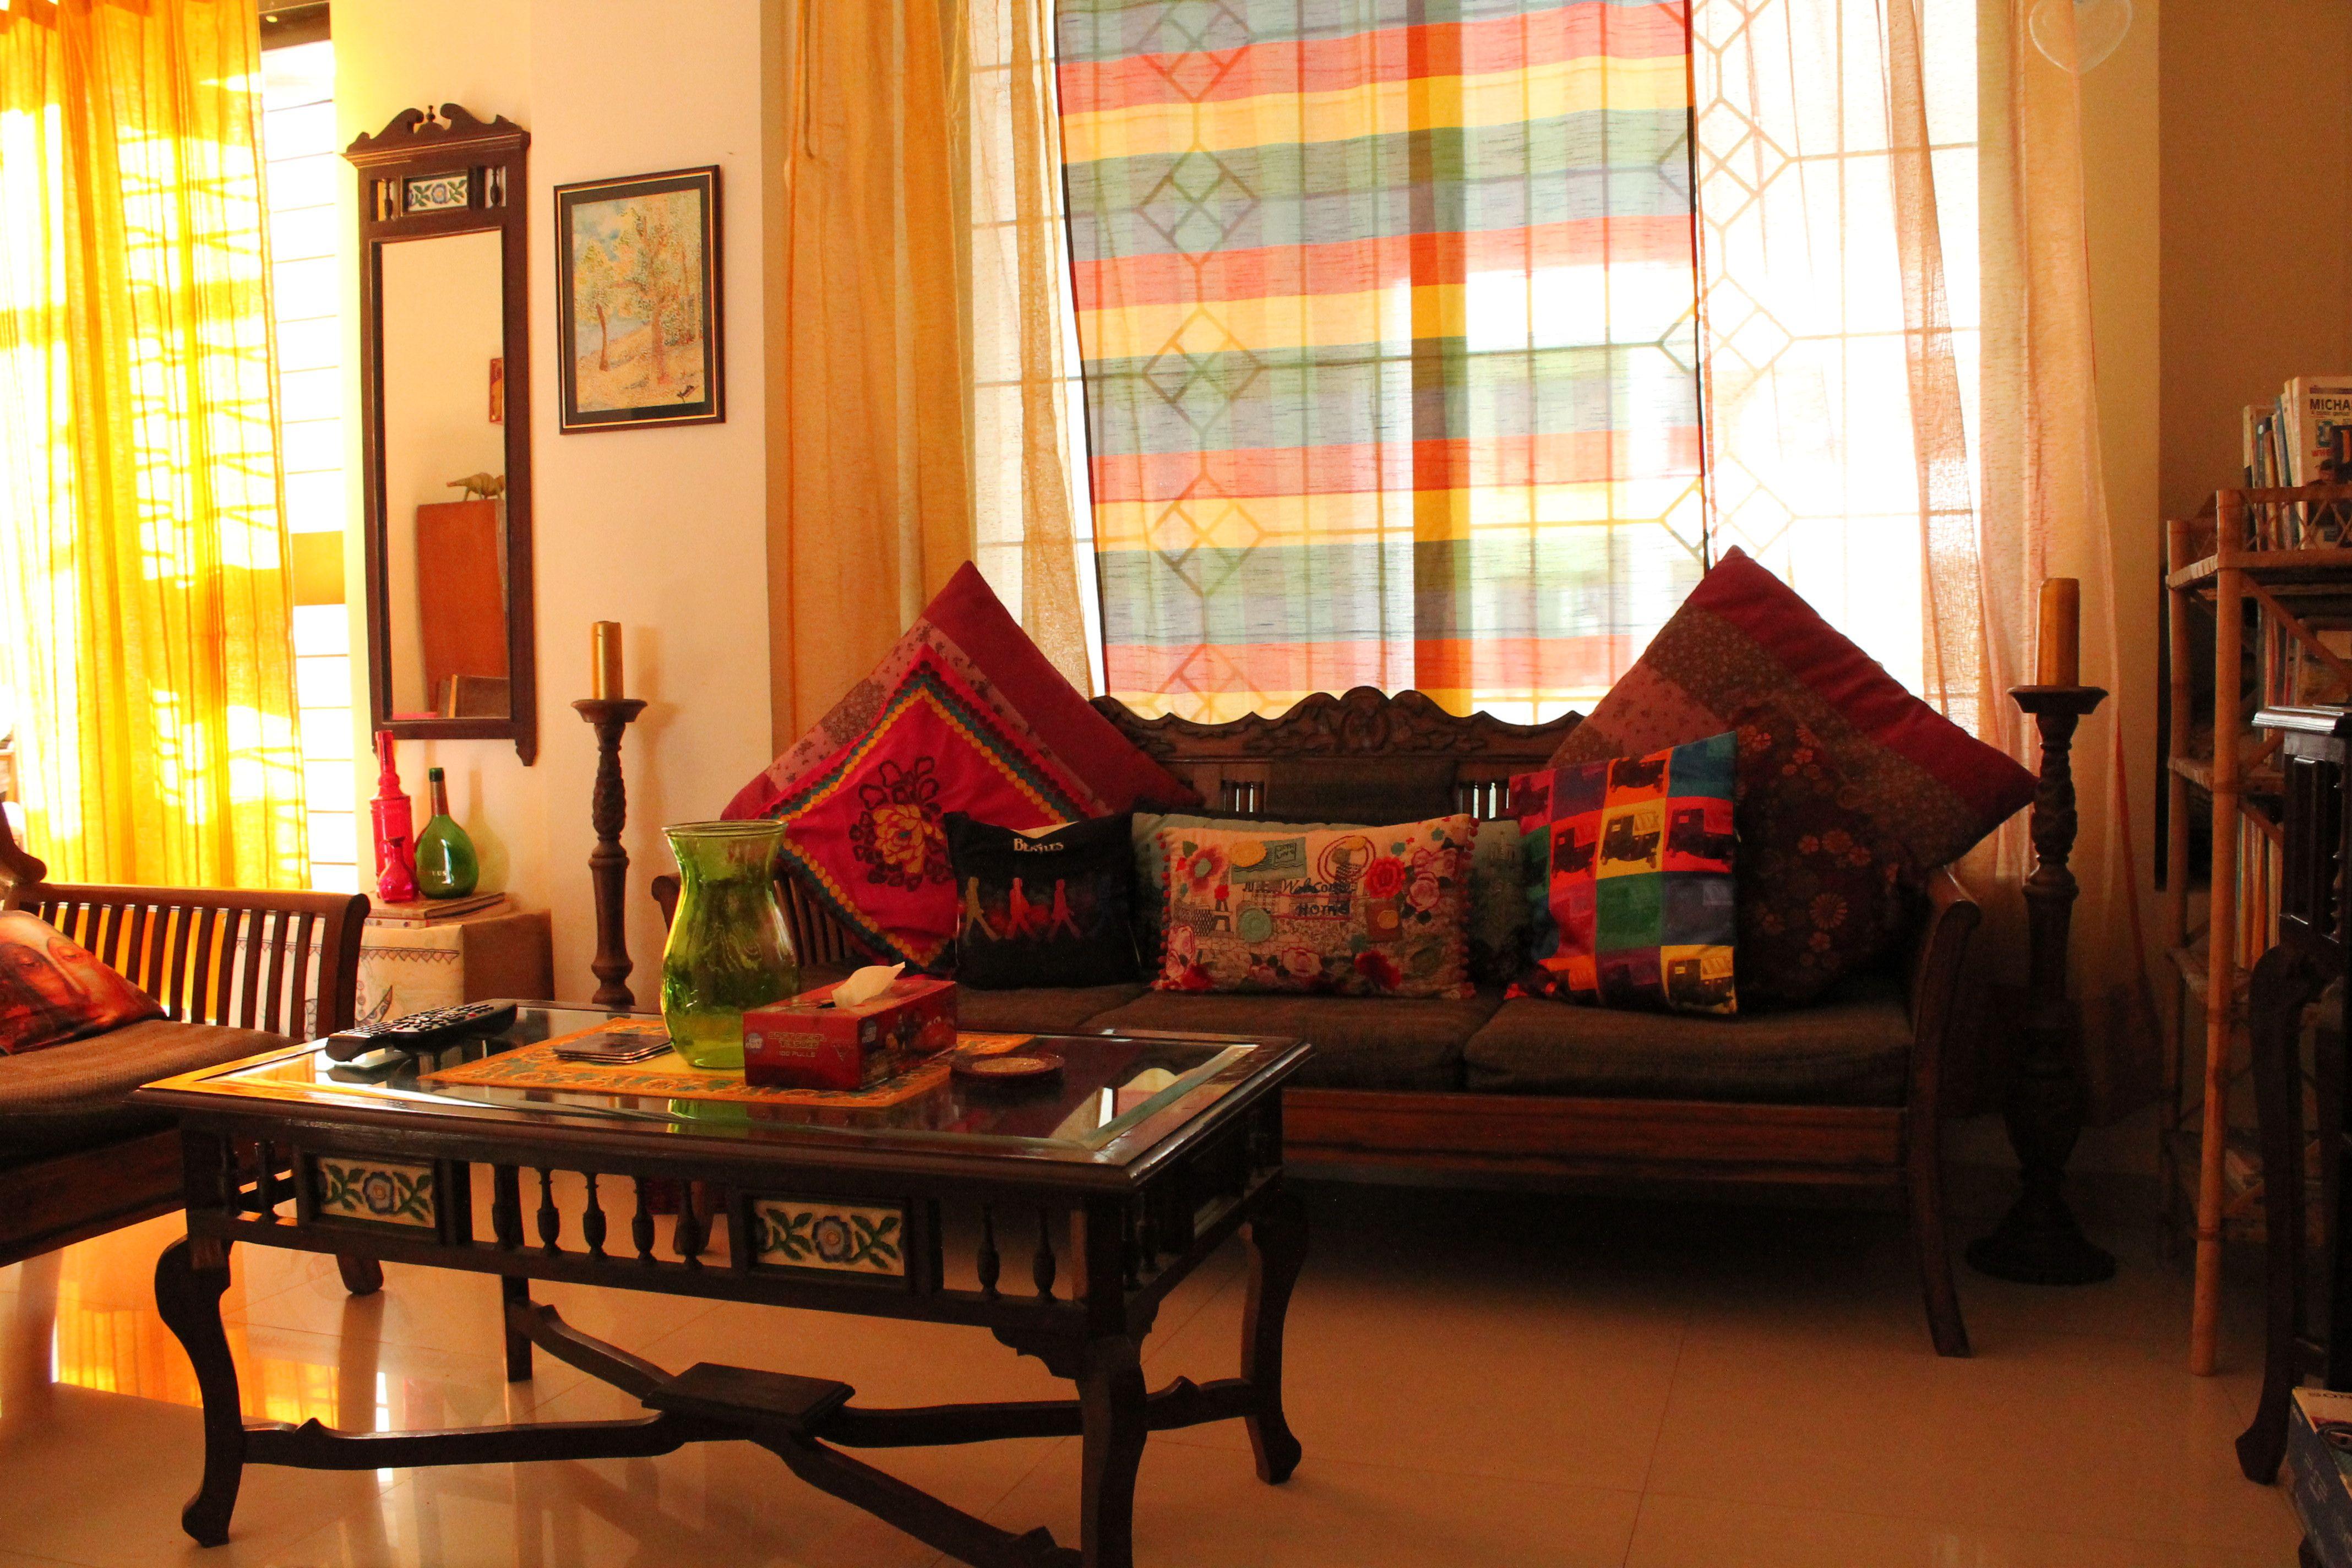 Mamta sharma das home pune india indiaaa everything i love